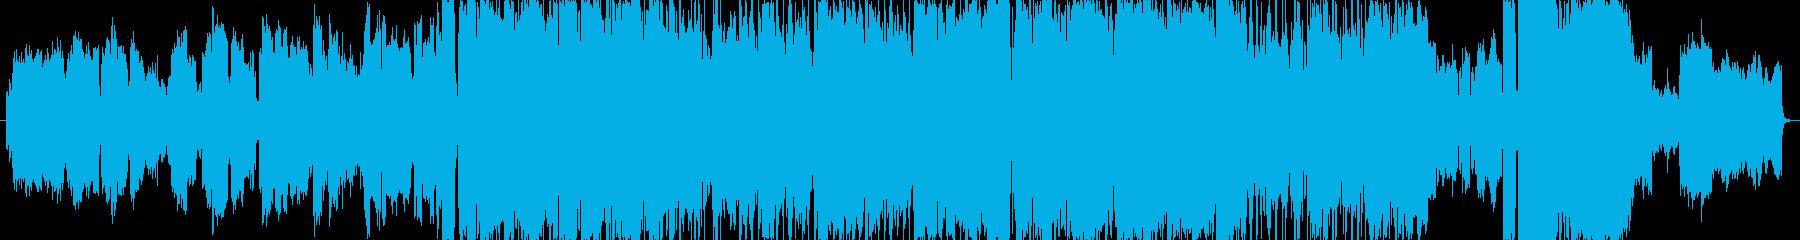 明るい雰囲気のオルゴール風バラードの再生済みの波形